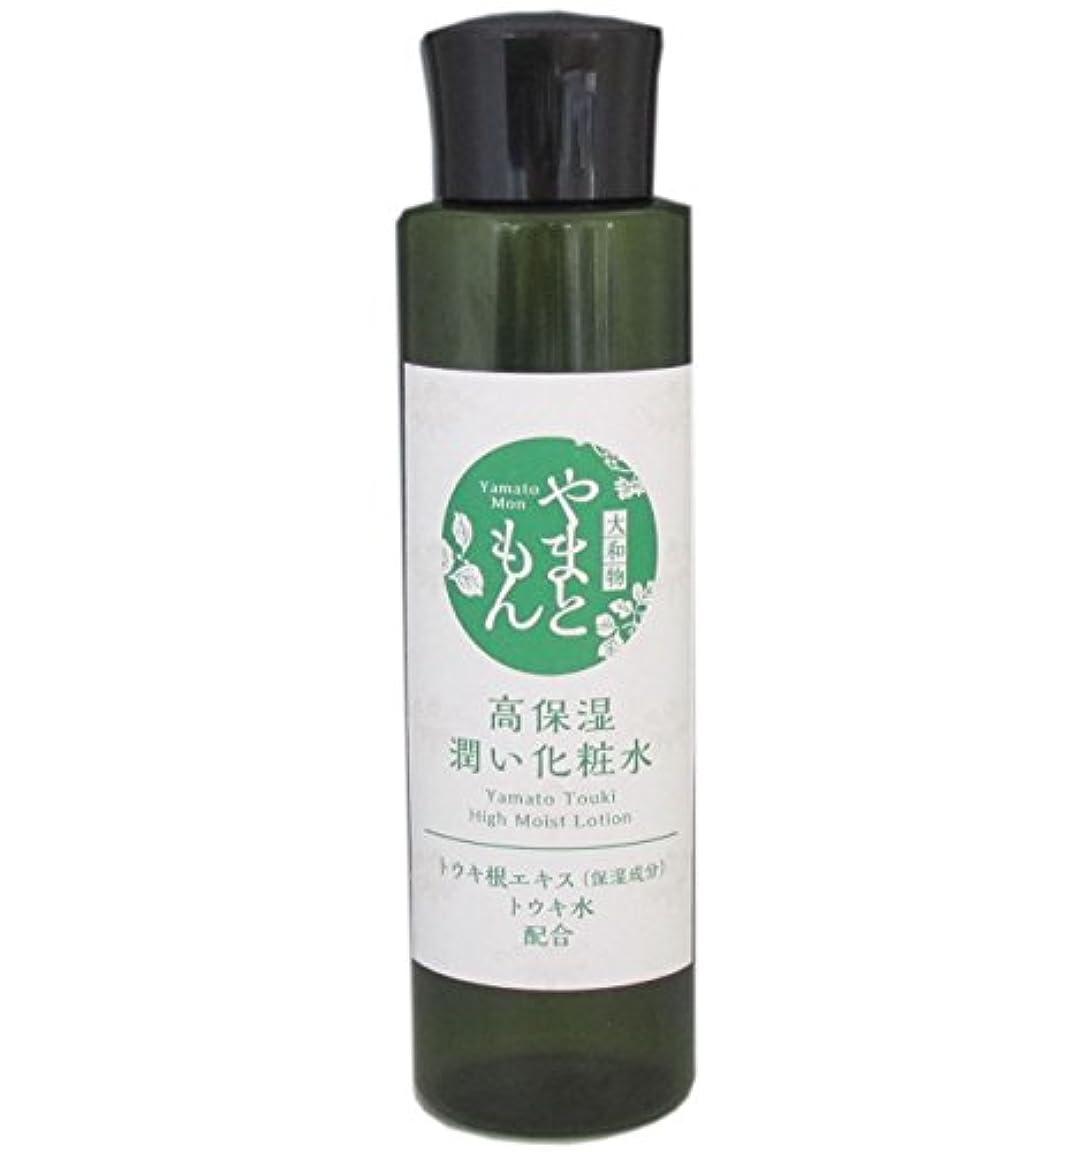 神話スタジオ方法論奈良産和漢生薬エキス使用やまともん化粧品 当帰化粧水(とうきけしょうすい)